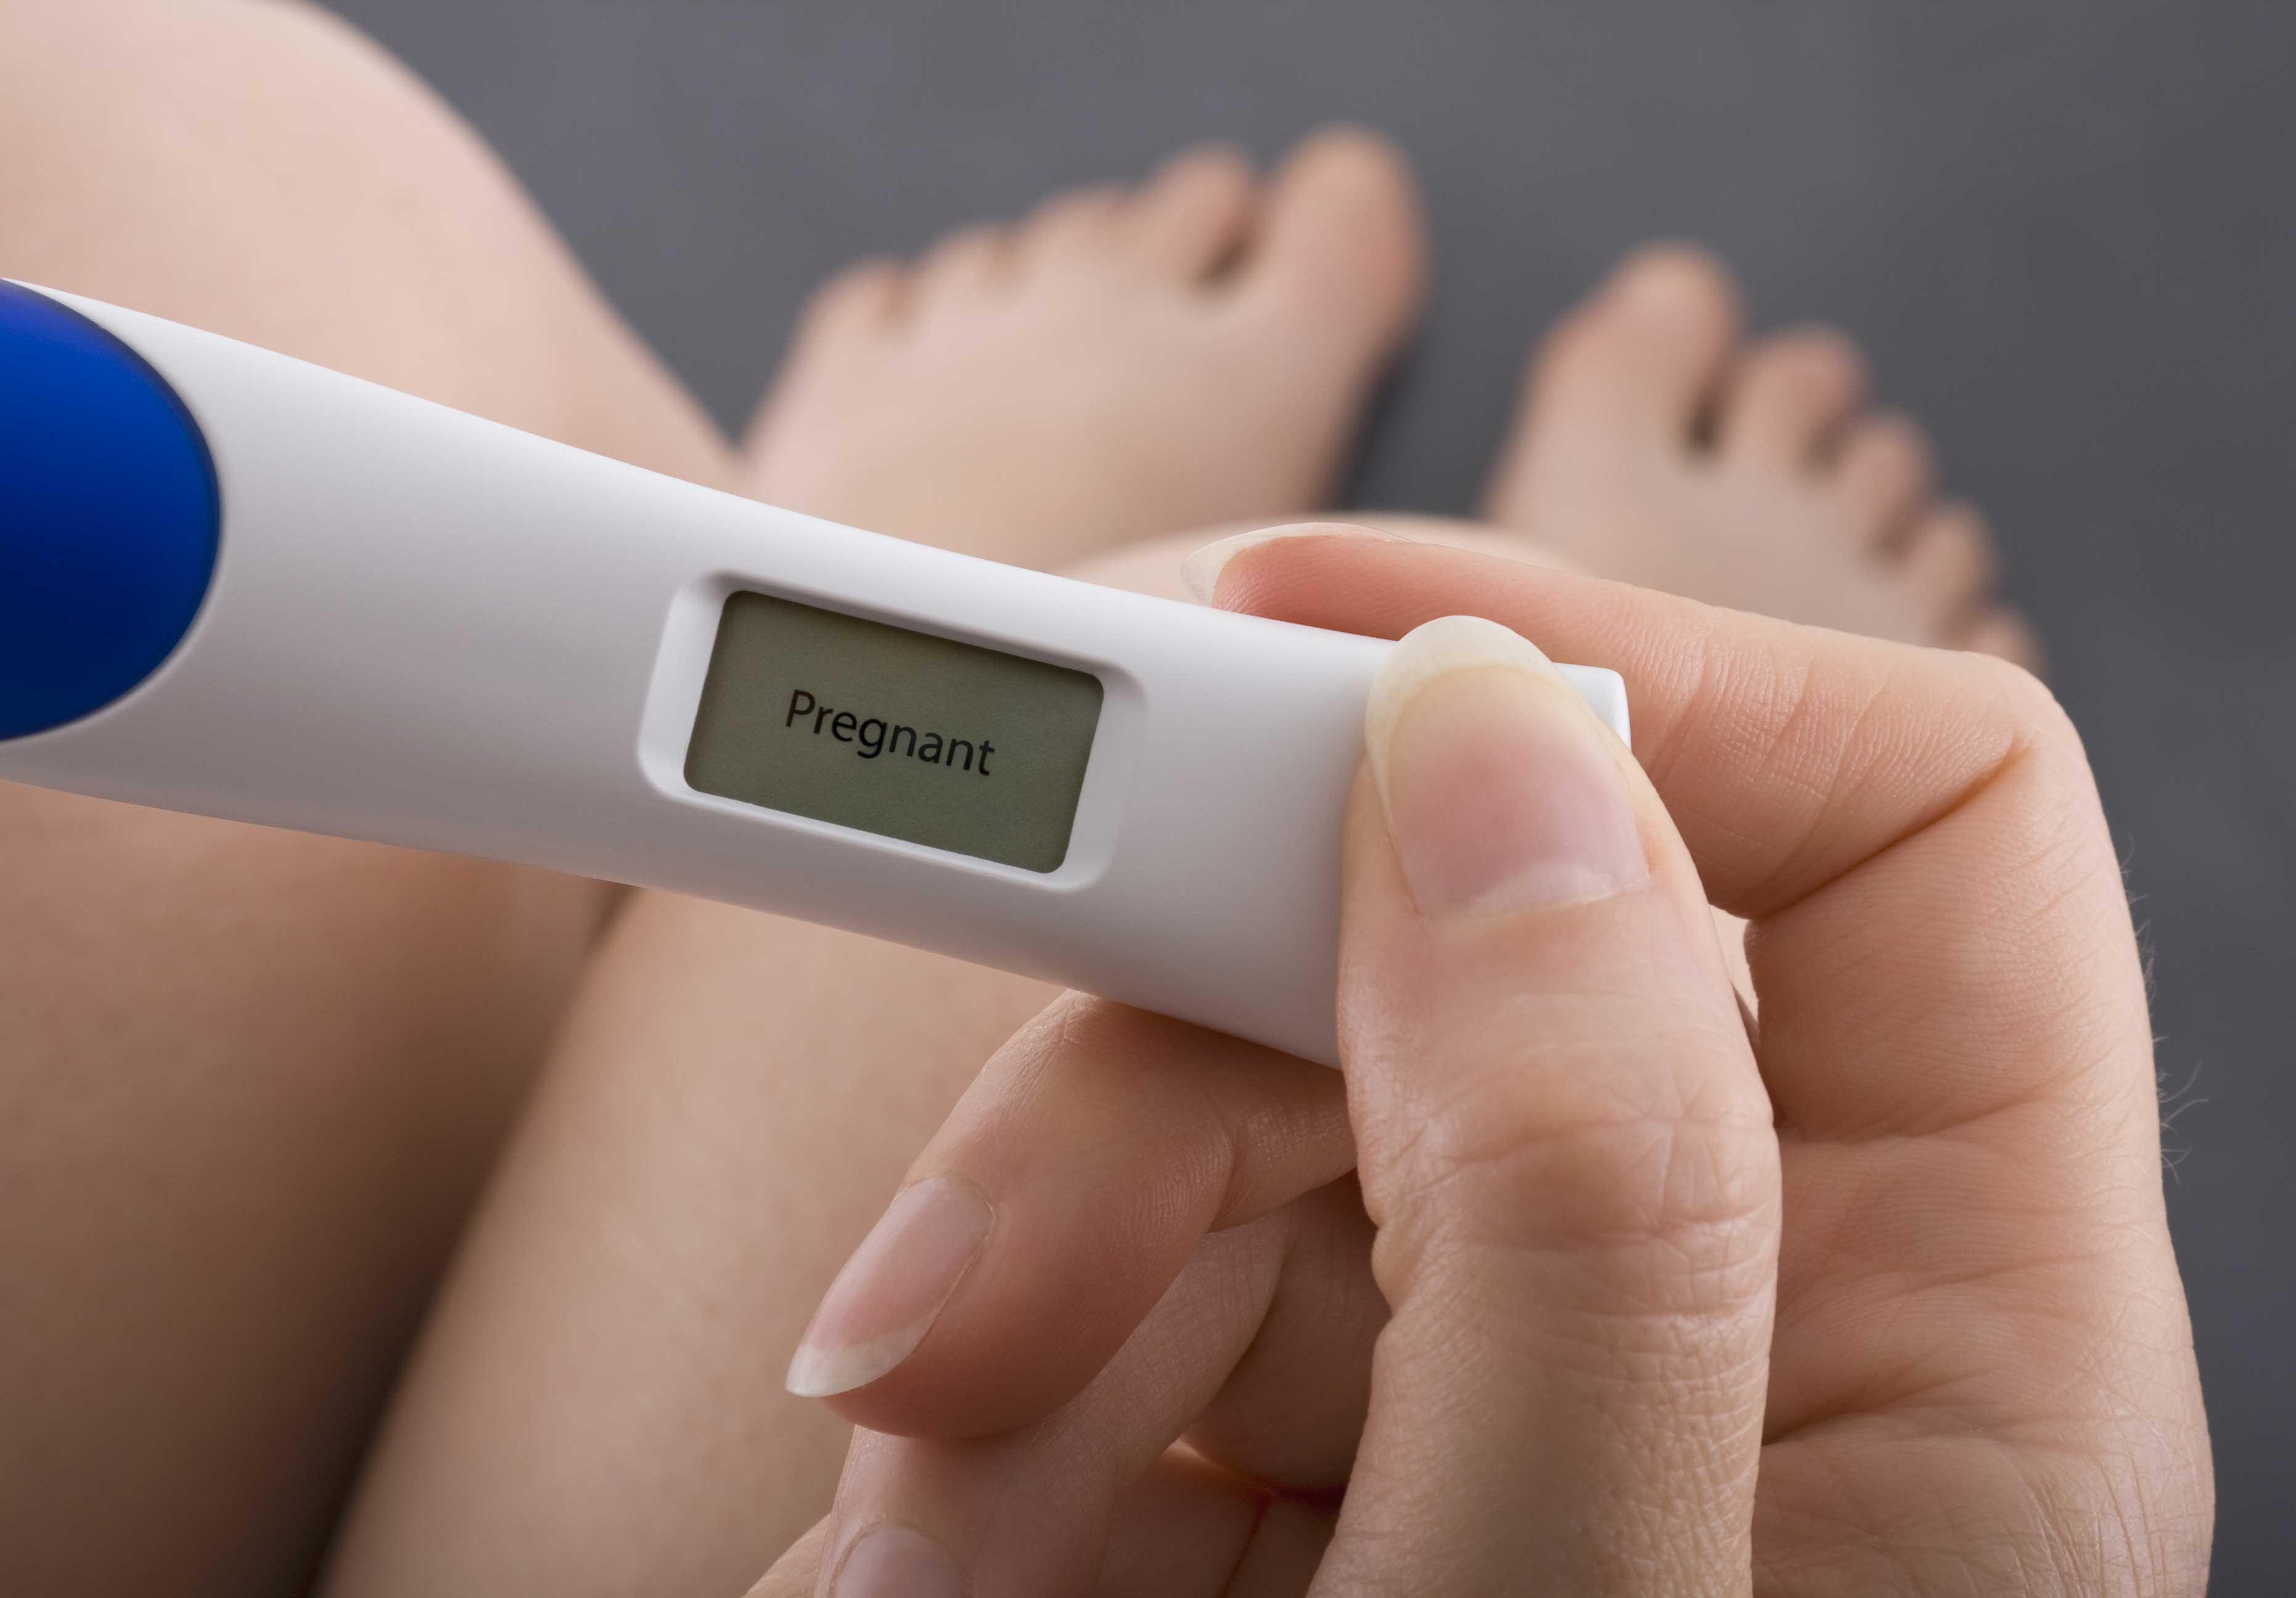 Может ли гинеколог при осмотре на ранних сроках диагностировать беременность?